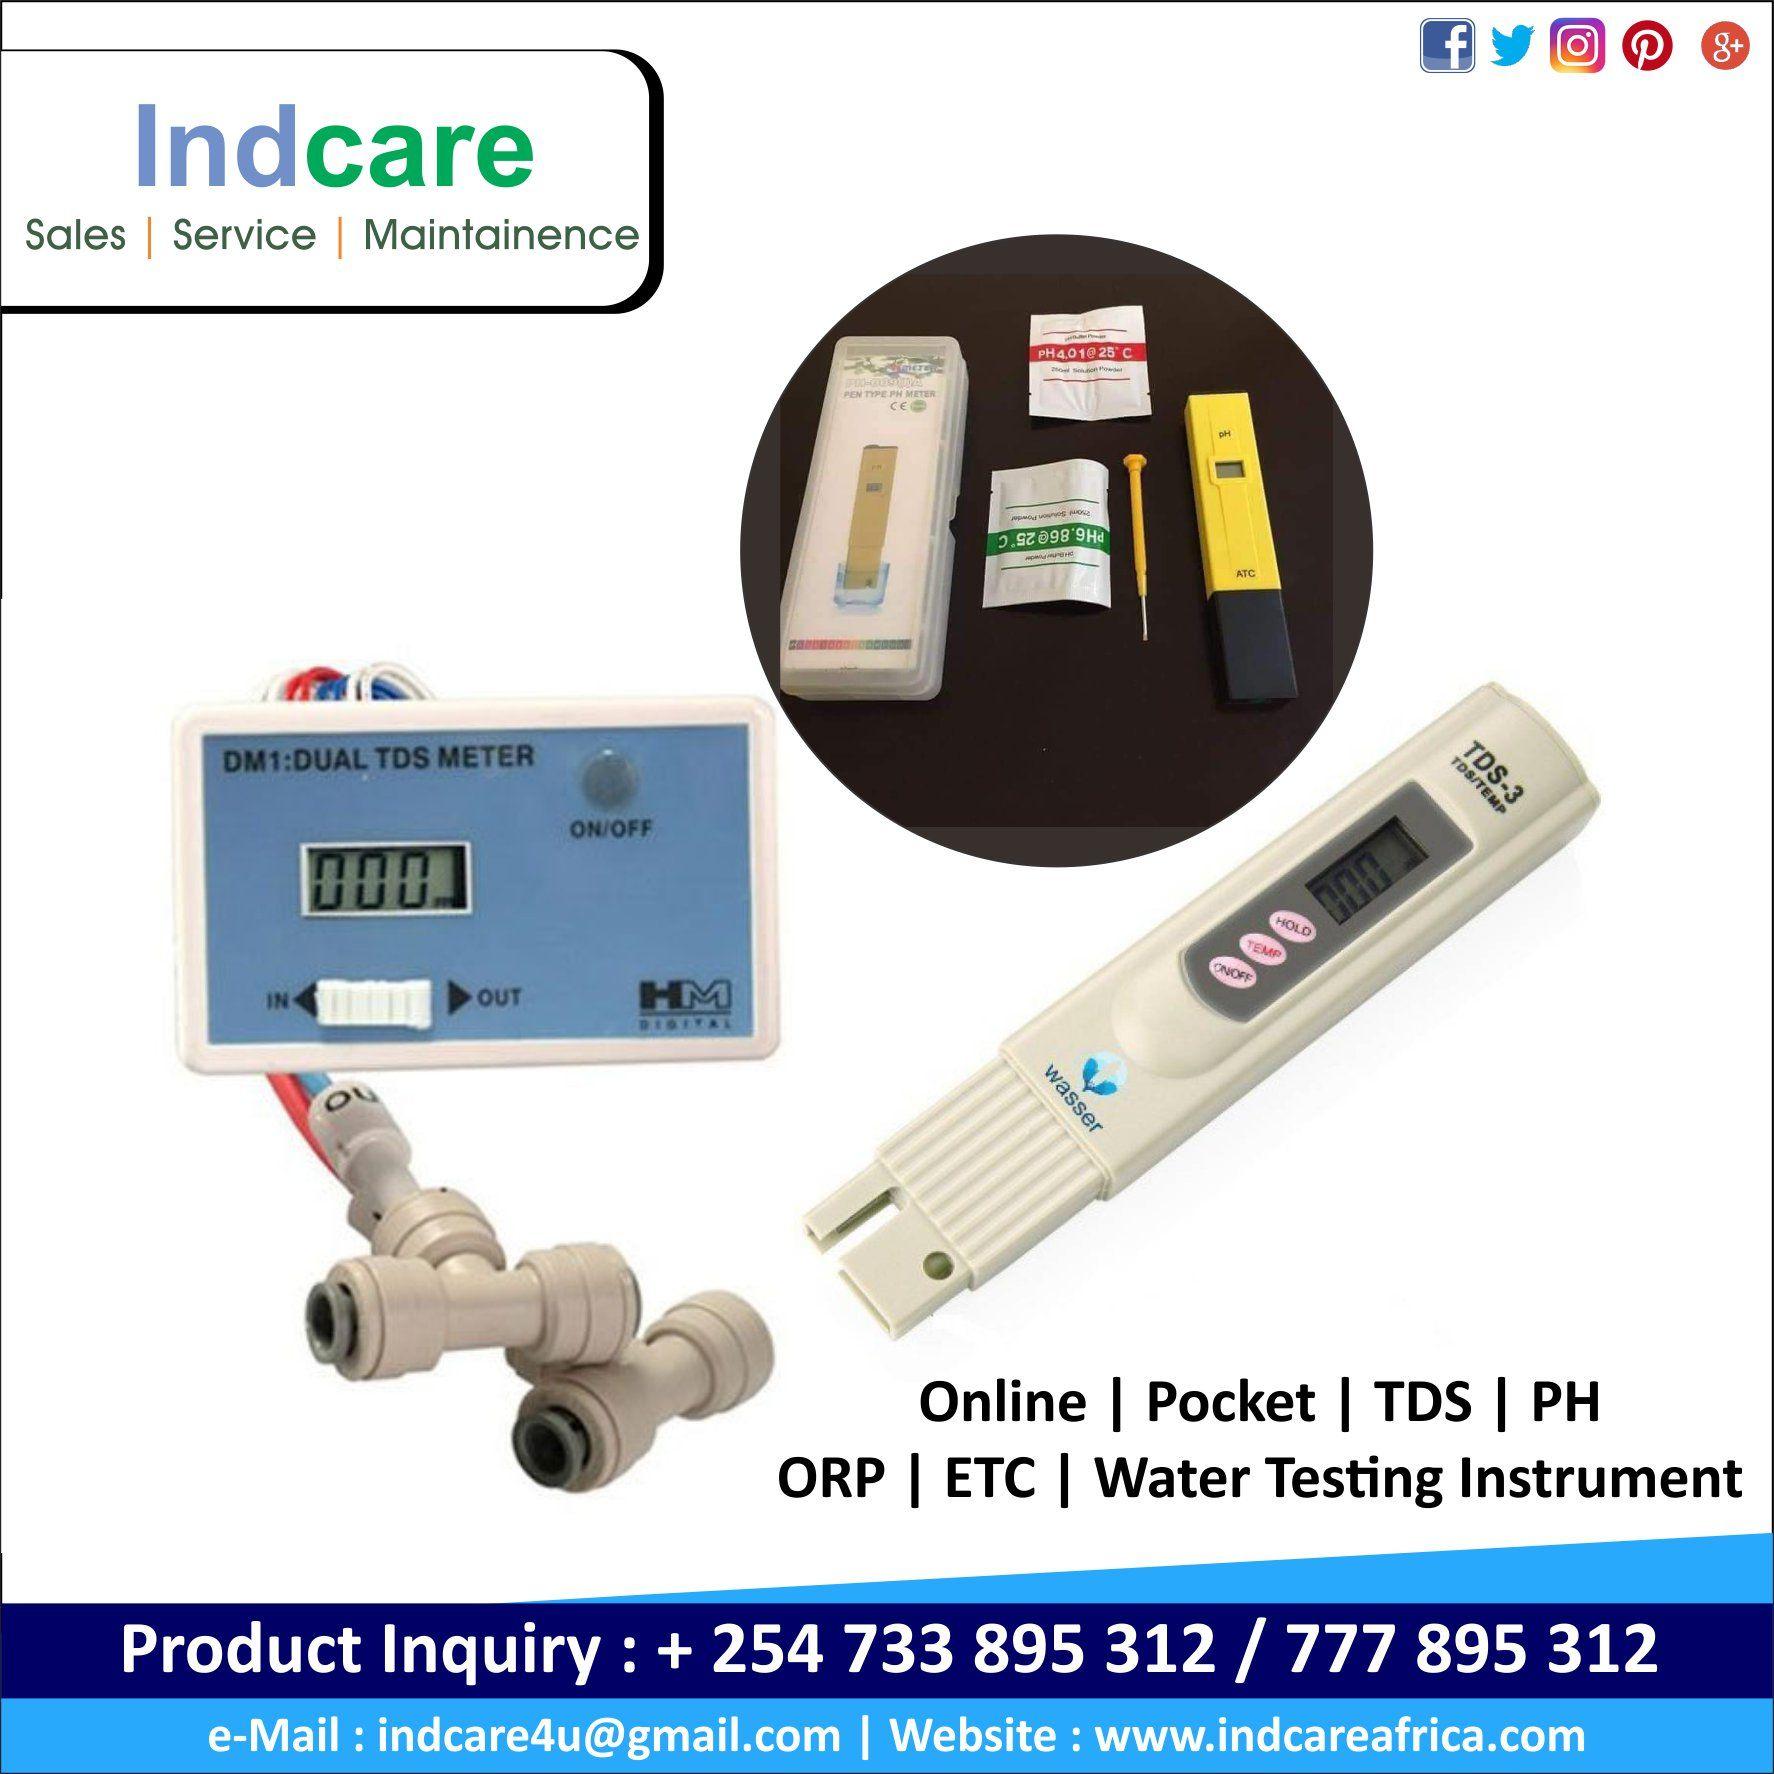 Online Pocket Tds Ph Orp Etc Water Testing Instrument At Indcare Africa Ltd Building No 30 Wastewater Treatment Water Treatment Africa